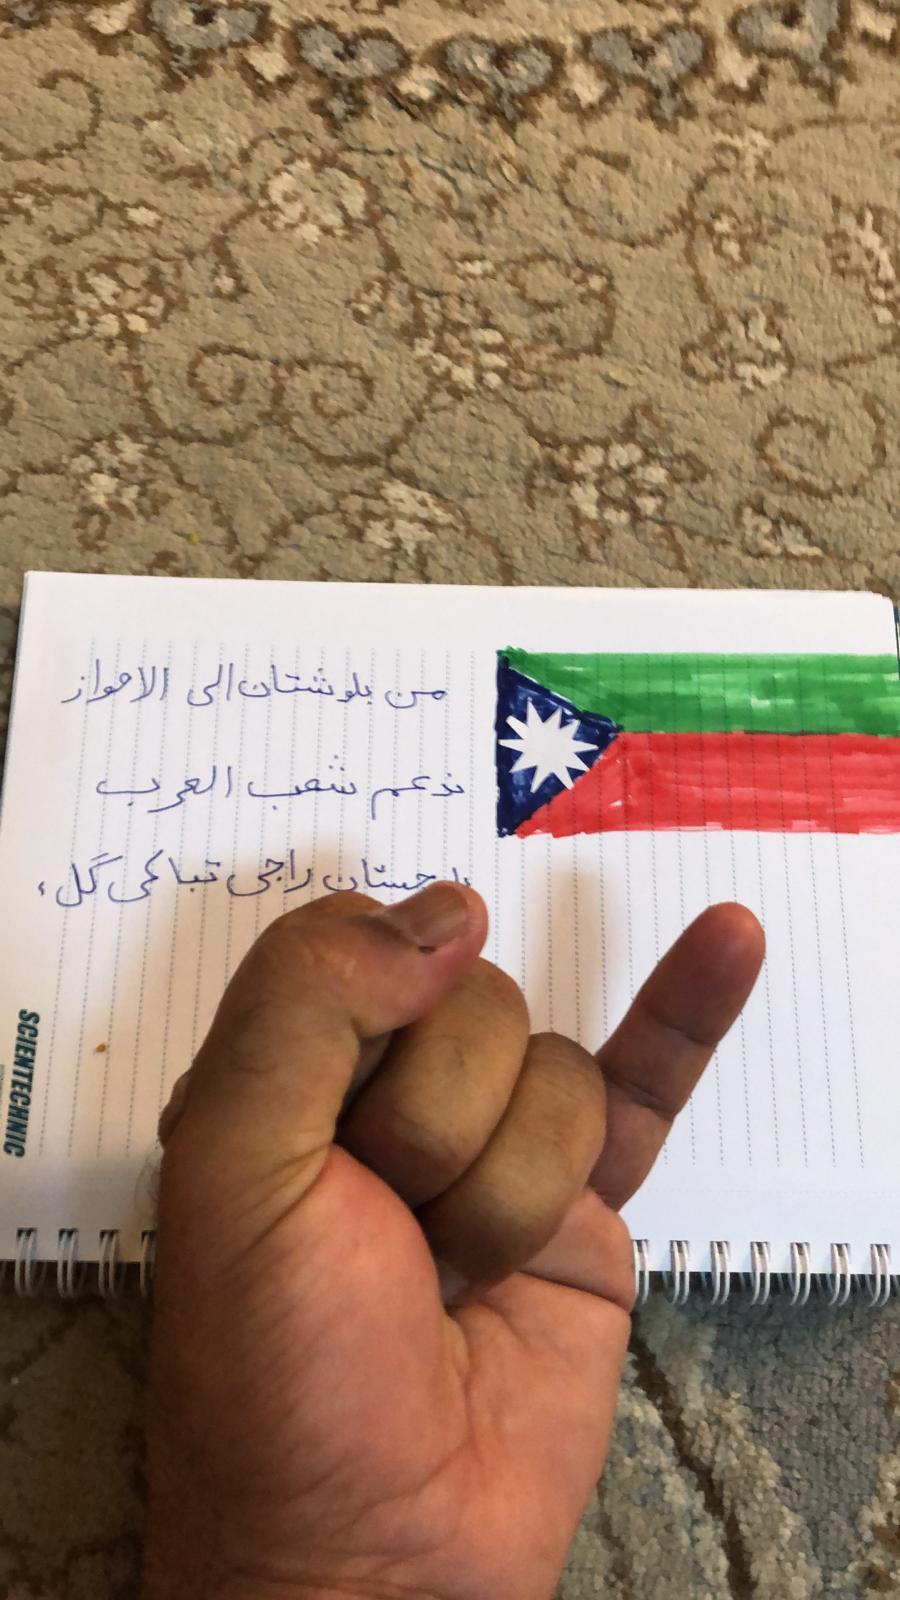 حمایت بلوچستان از مبارزات عربی الاحوازی